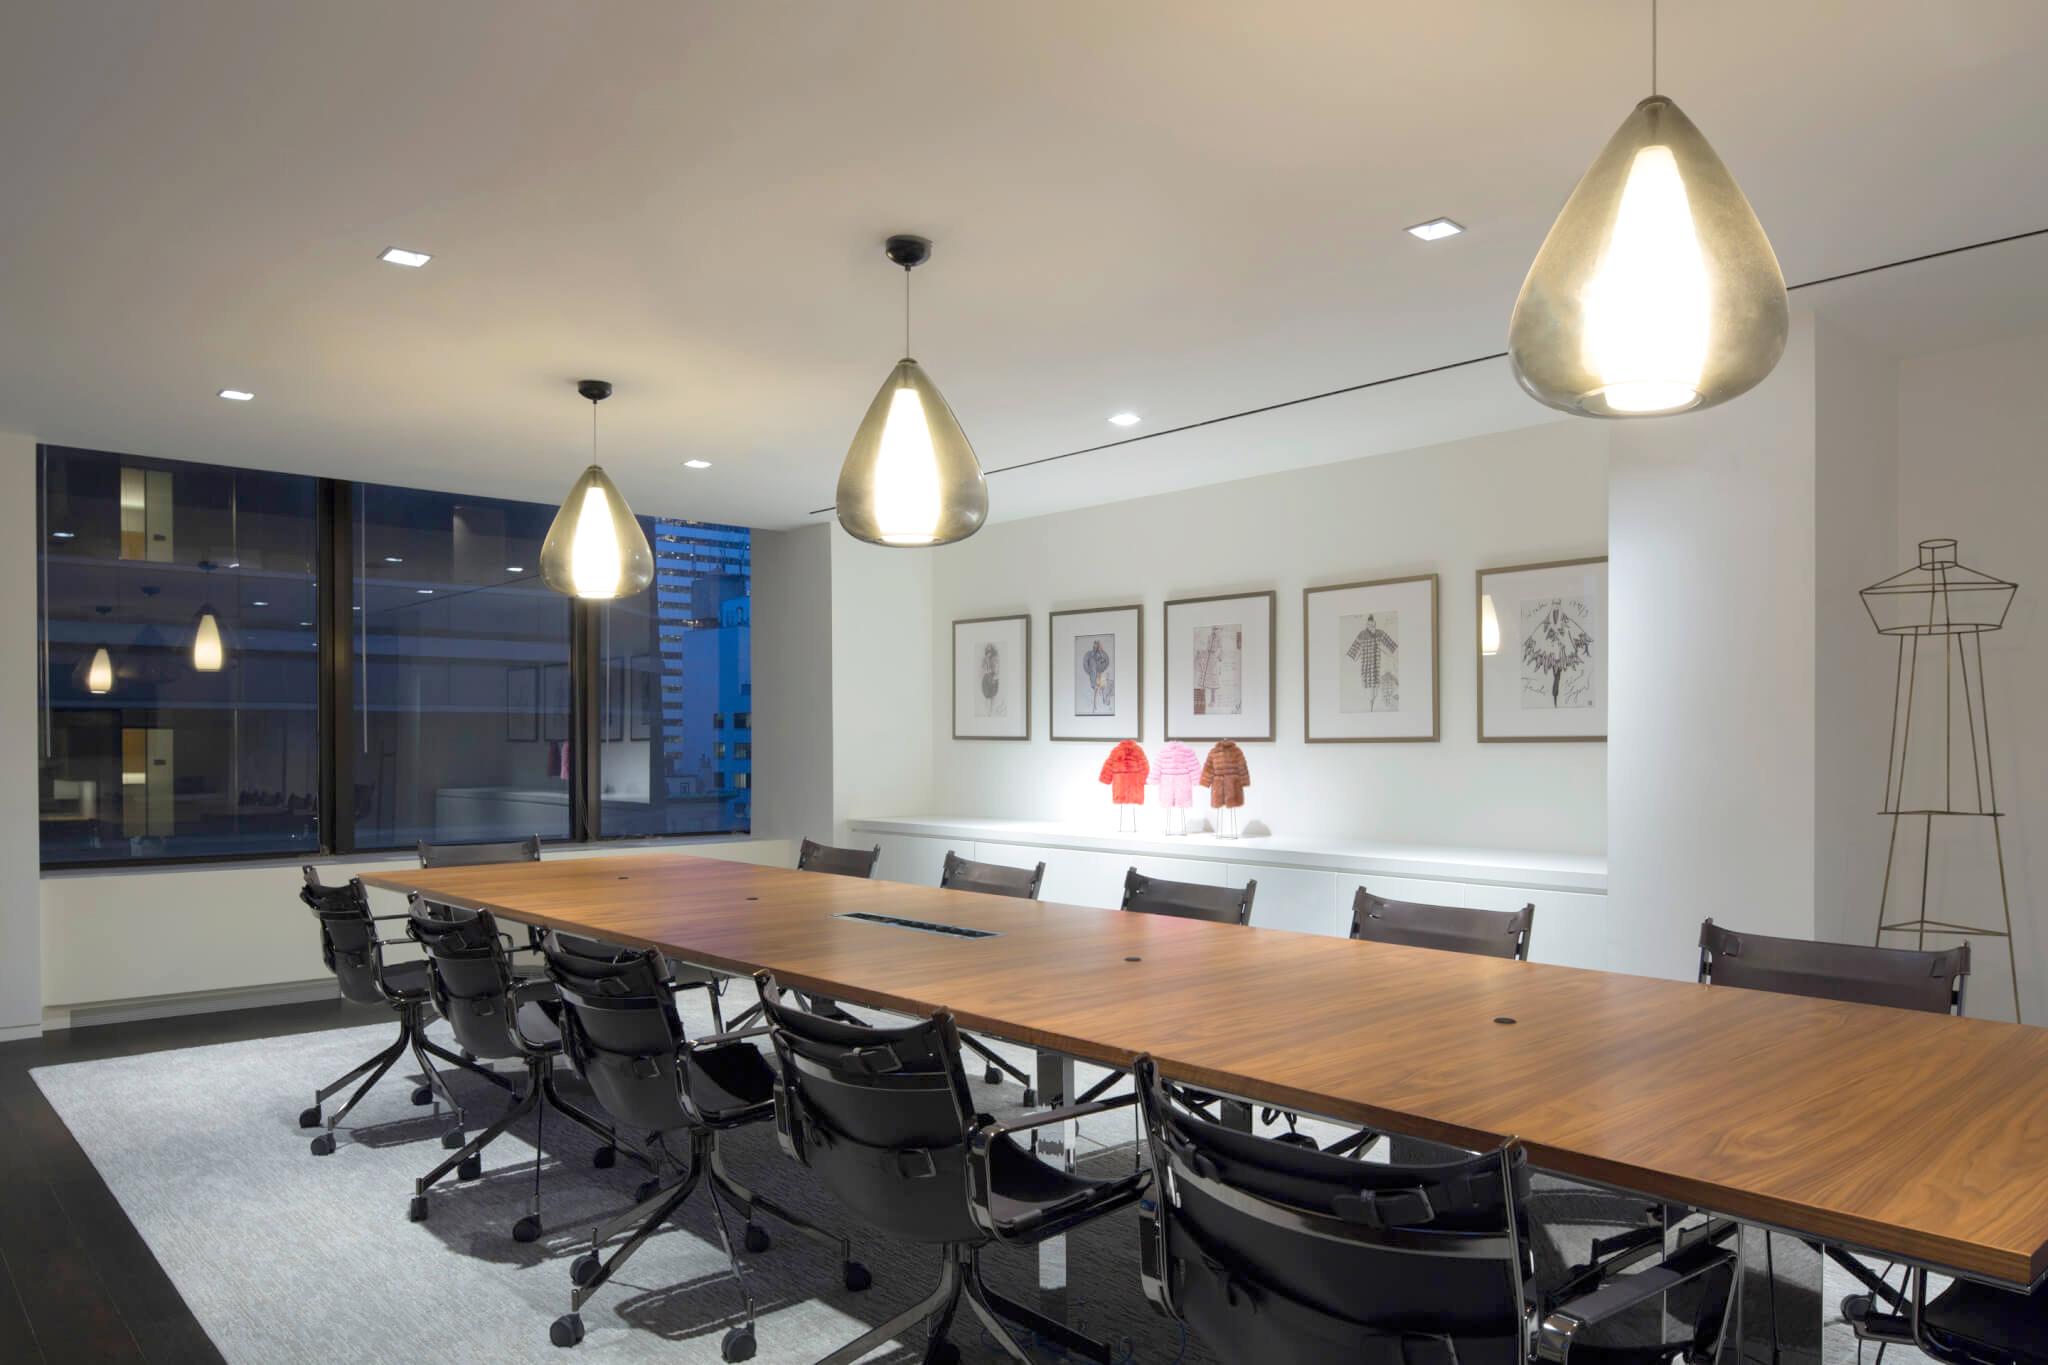 FENDI-OfficeNYC-DesignRepublic-ThaddeusRombauer-13.jpg